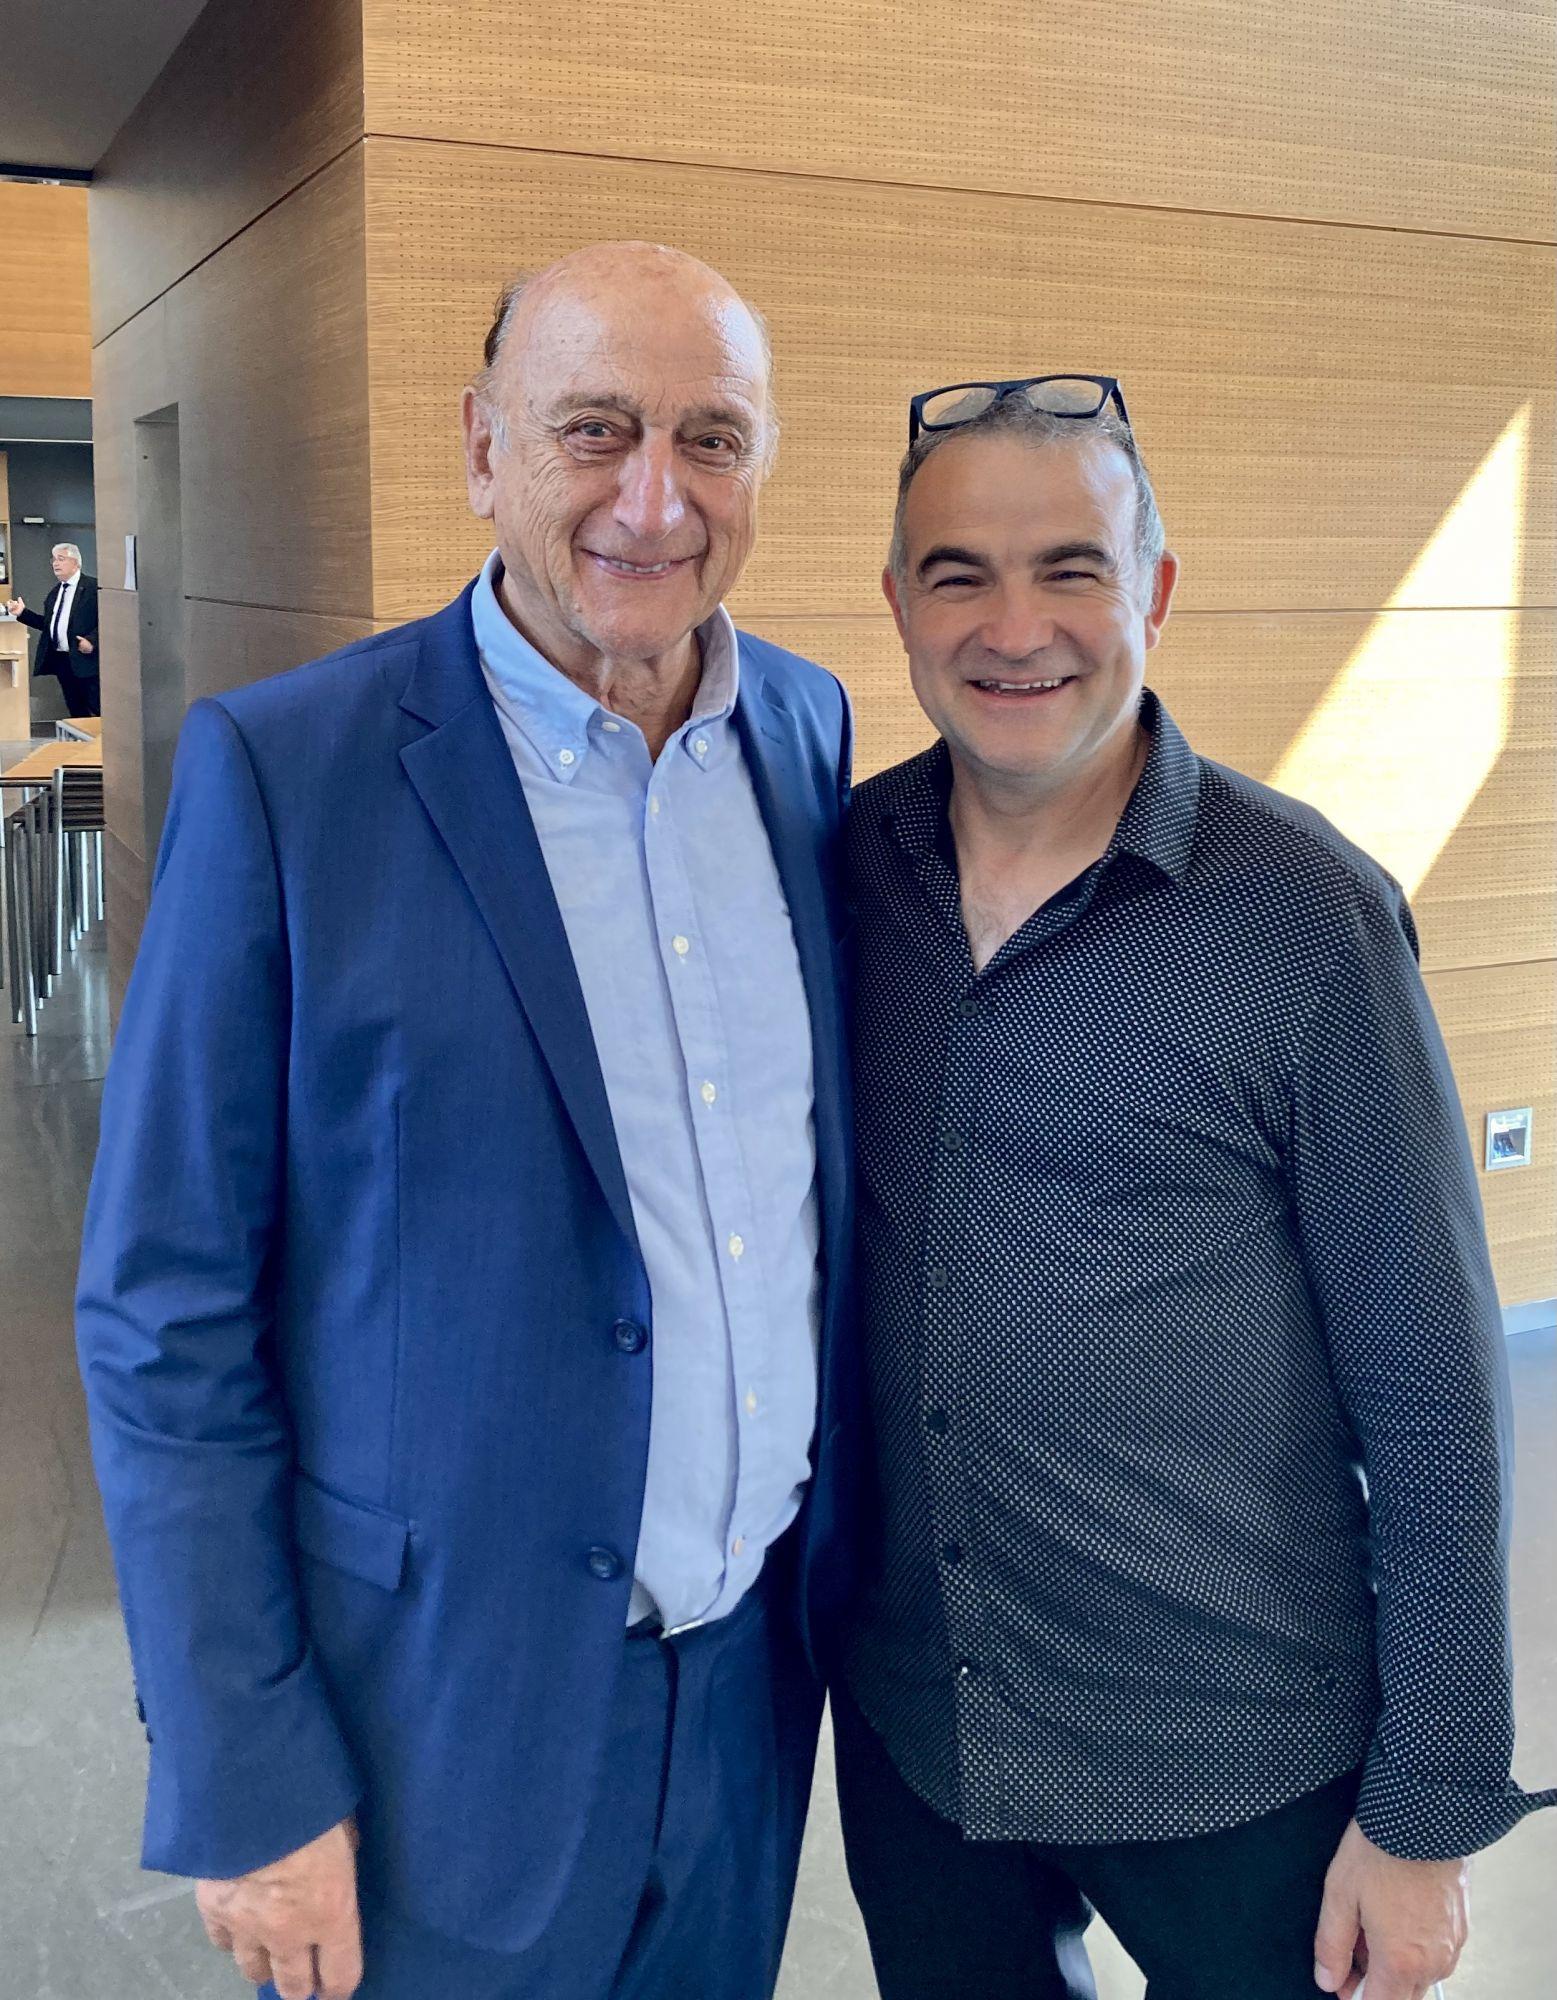 Fernando Costa et M. Pierre Bonte à Saran au Musée du Président Jacques Chirac